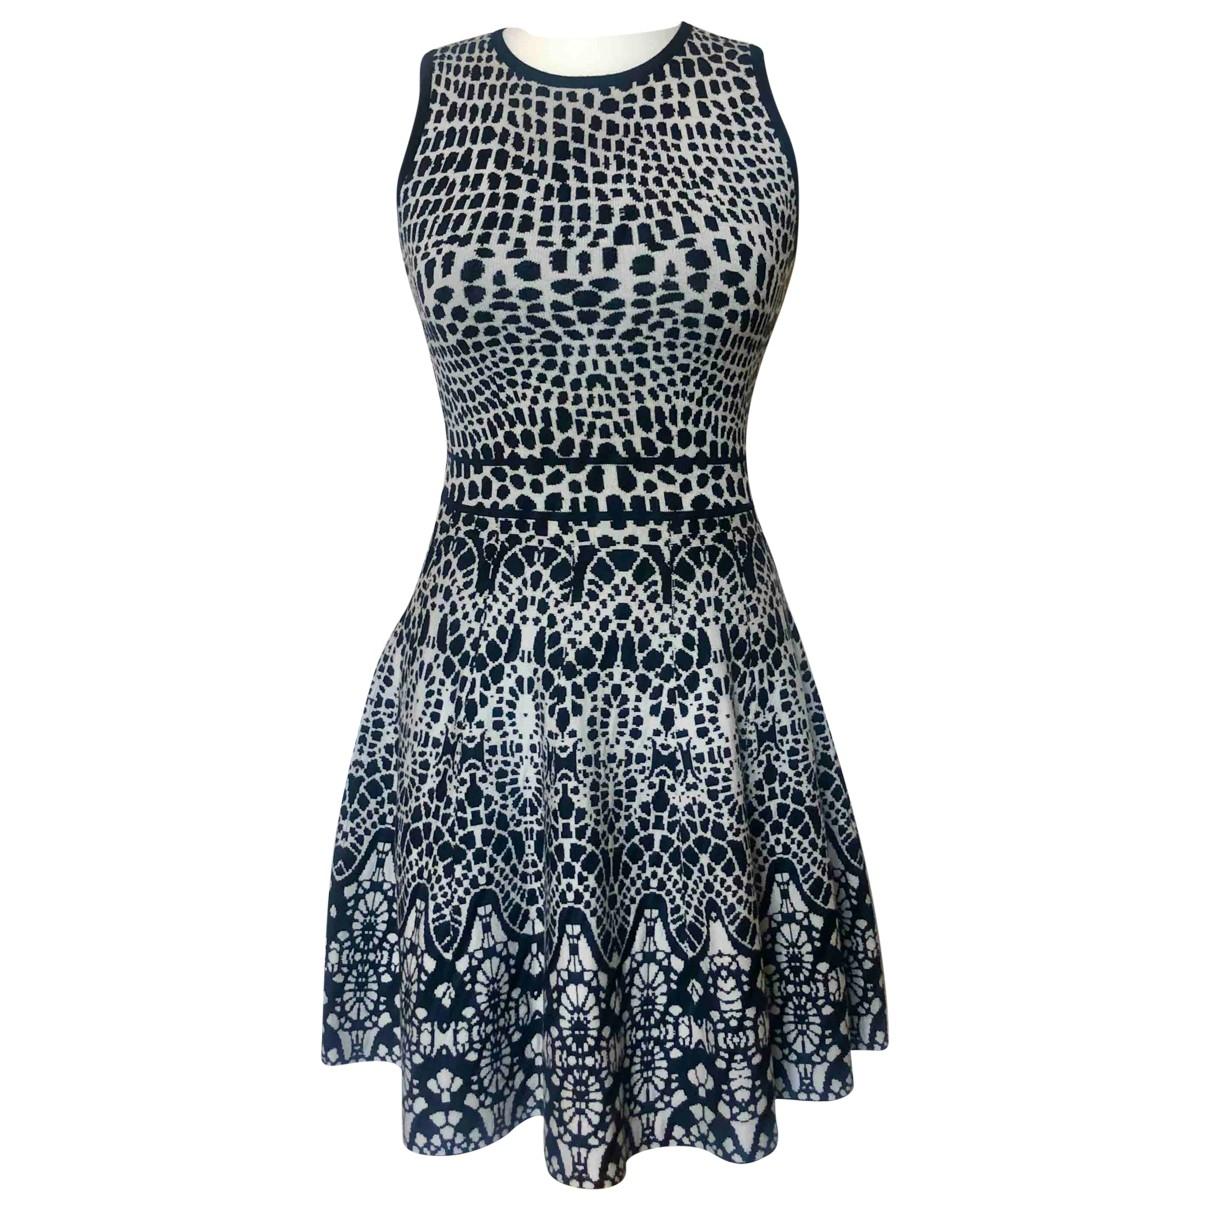 Karen Millen \N Kleid in Baumwolle - Elasthan